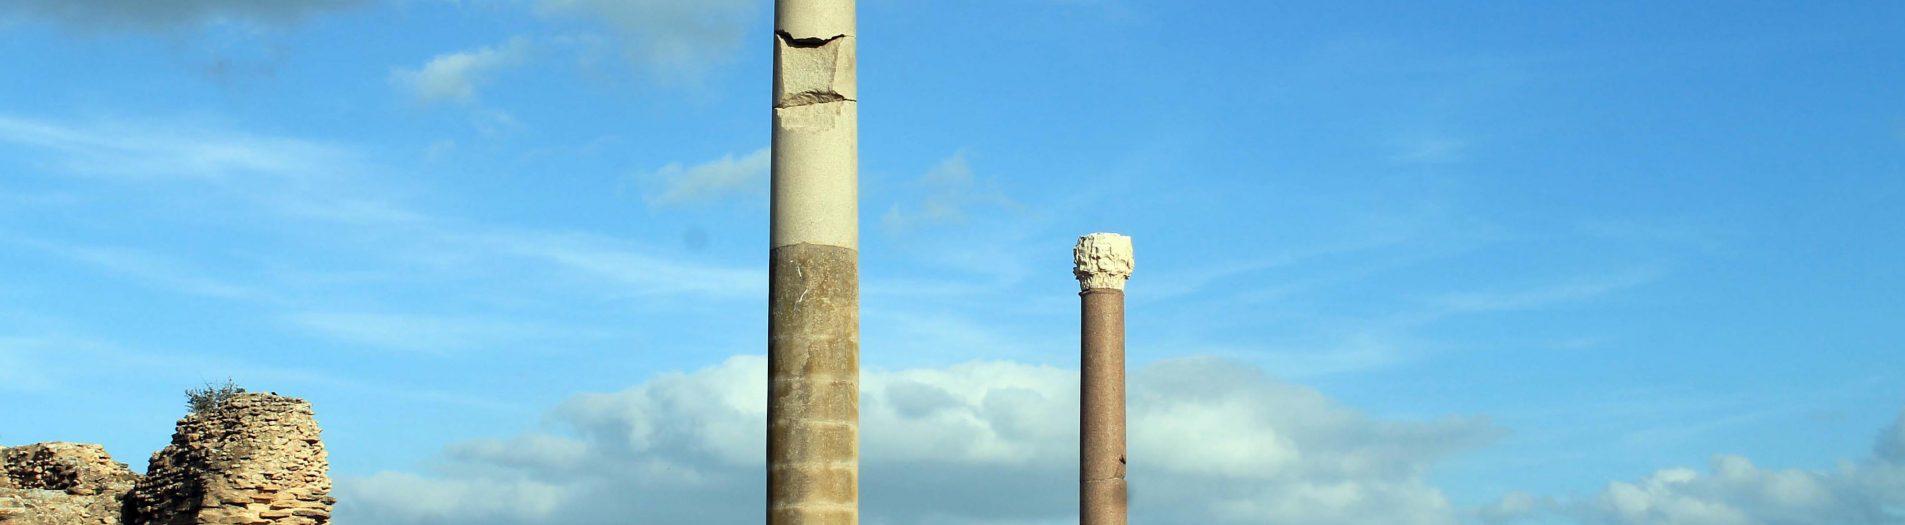 Les monuments des eauxromains en Tunisie